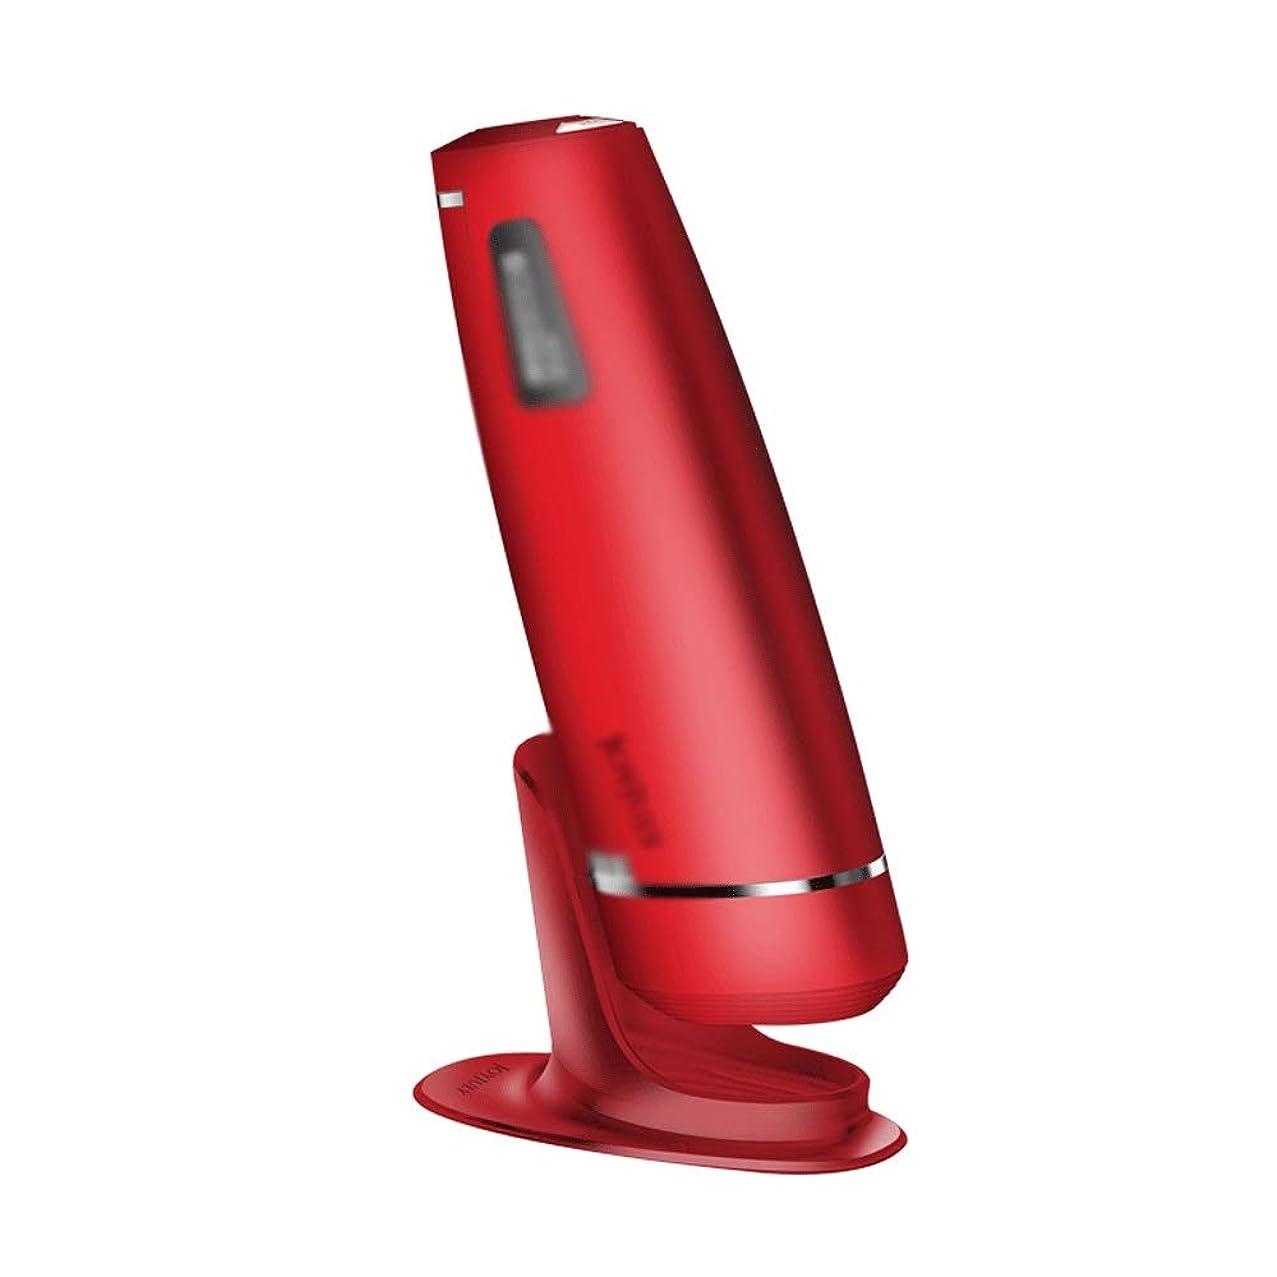 追跡スラッシュ表示XUEYAQI- 電気アイスポイント脱毛器具、家庭用レーザー脱毛アーティファクト、男性と女性の外部脱毛器、痛みのない顔用脱毛器(白) (Color : Red)